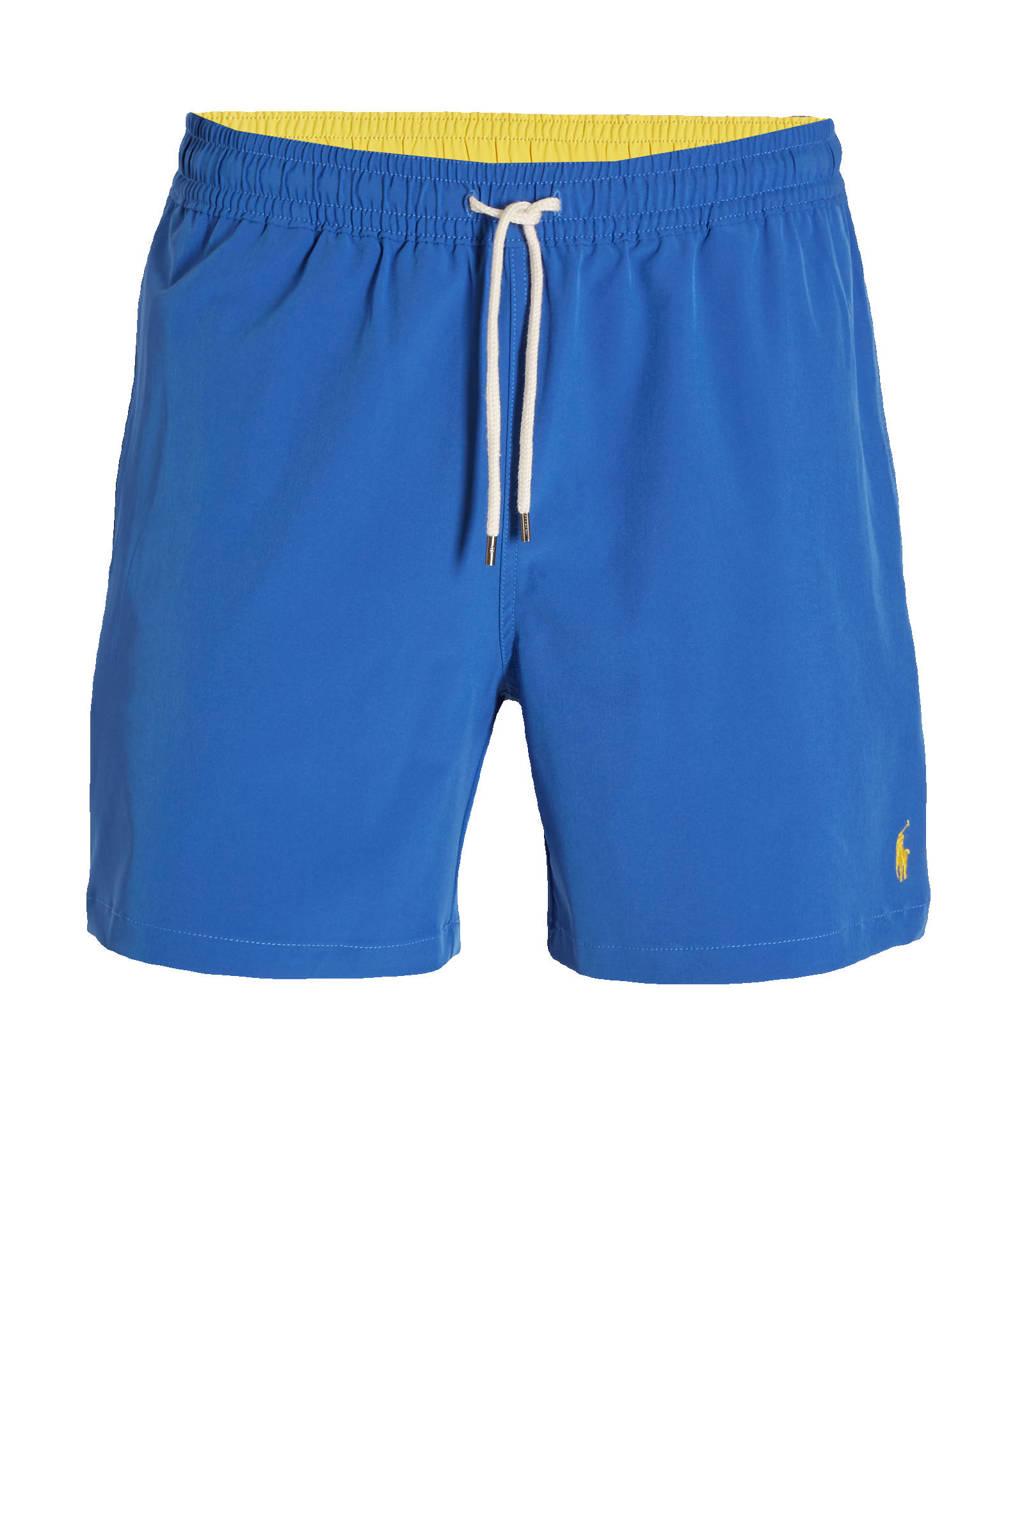 POLO Ralph Lauren zwemshort met geborduurd logo blauw, Blauw